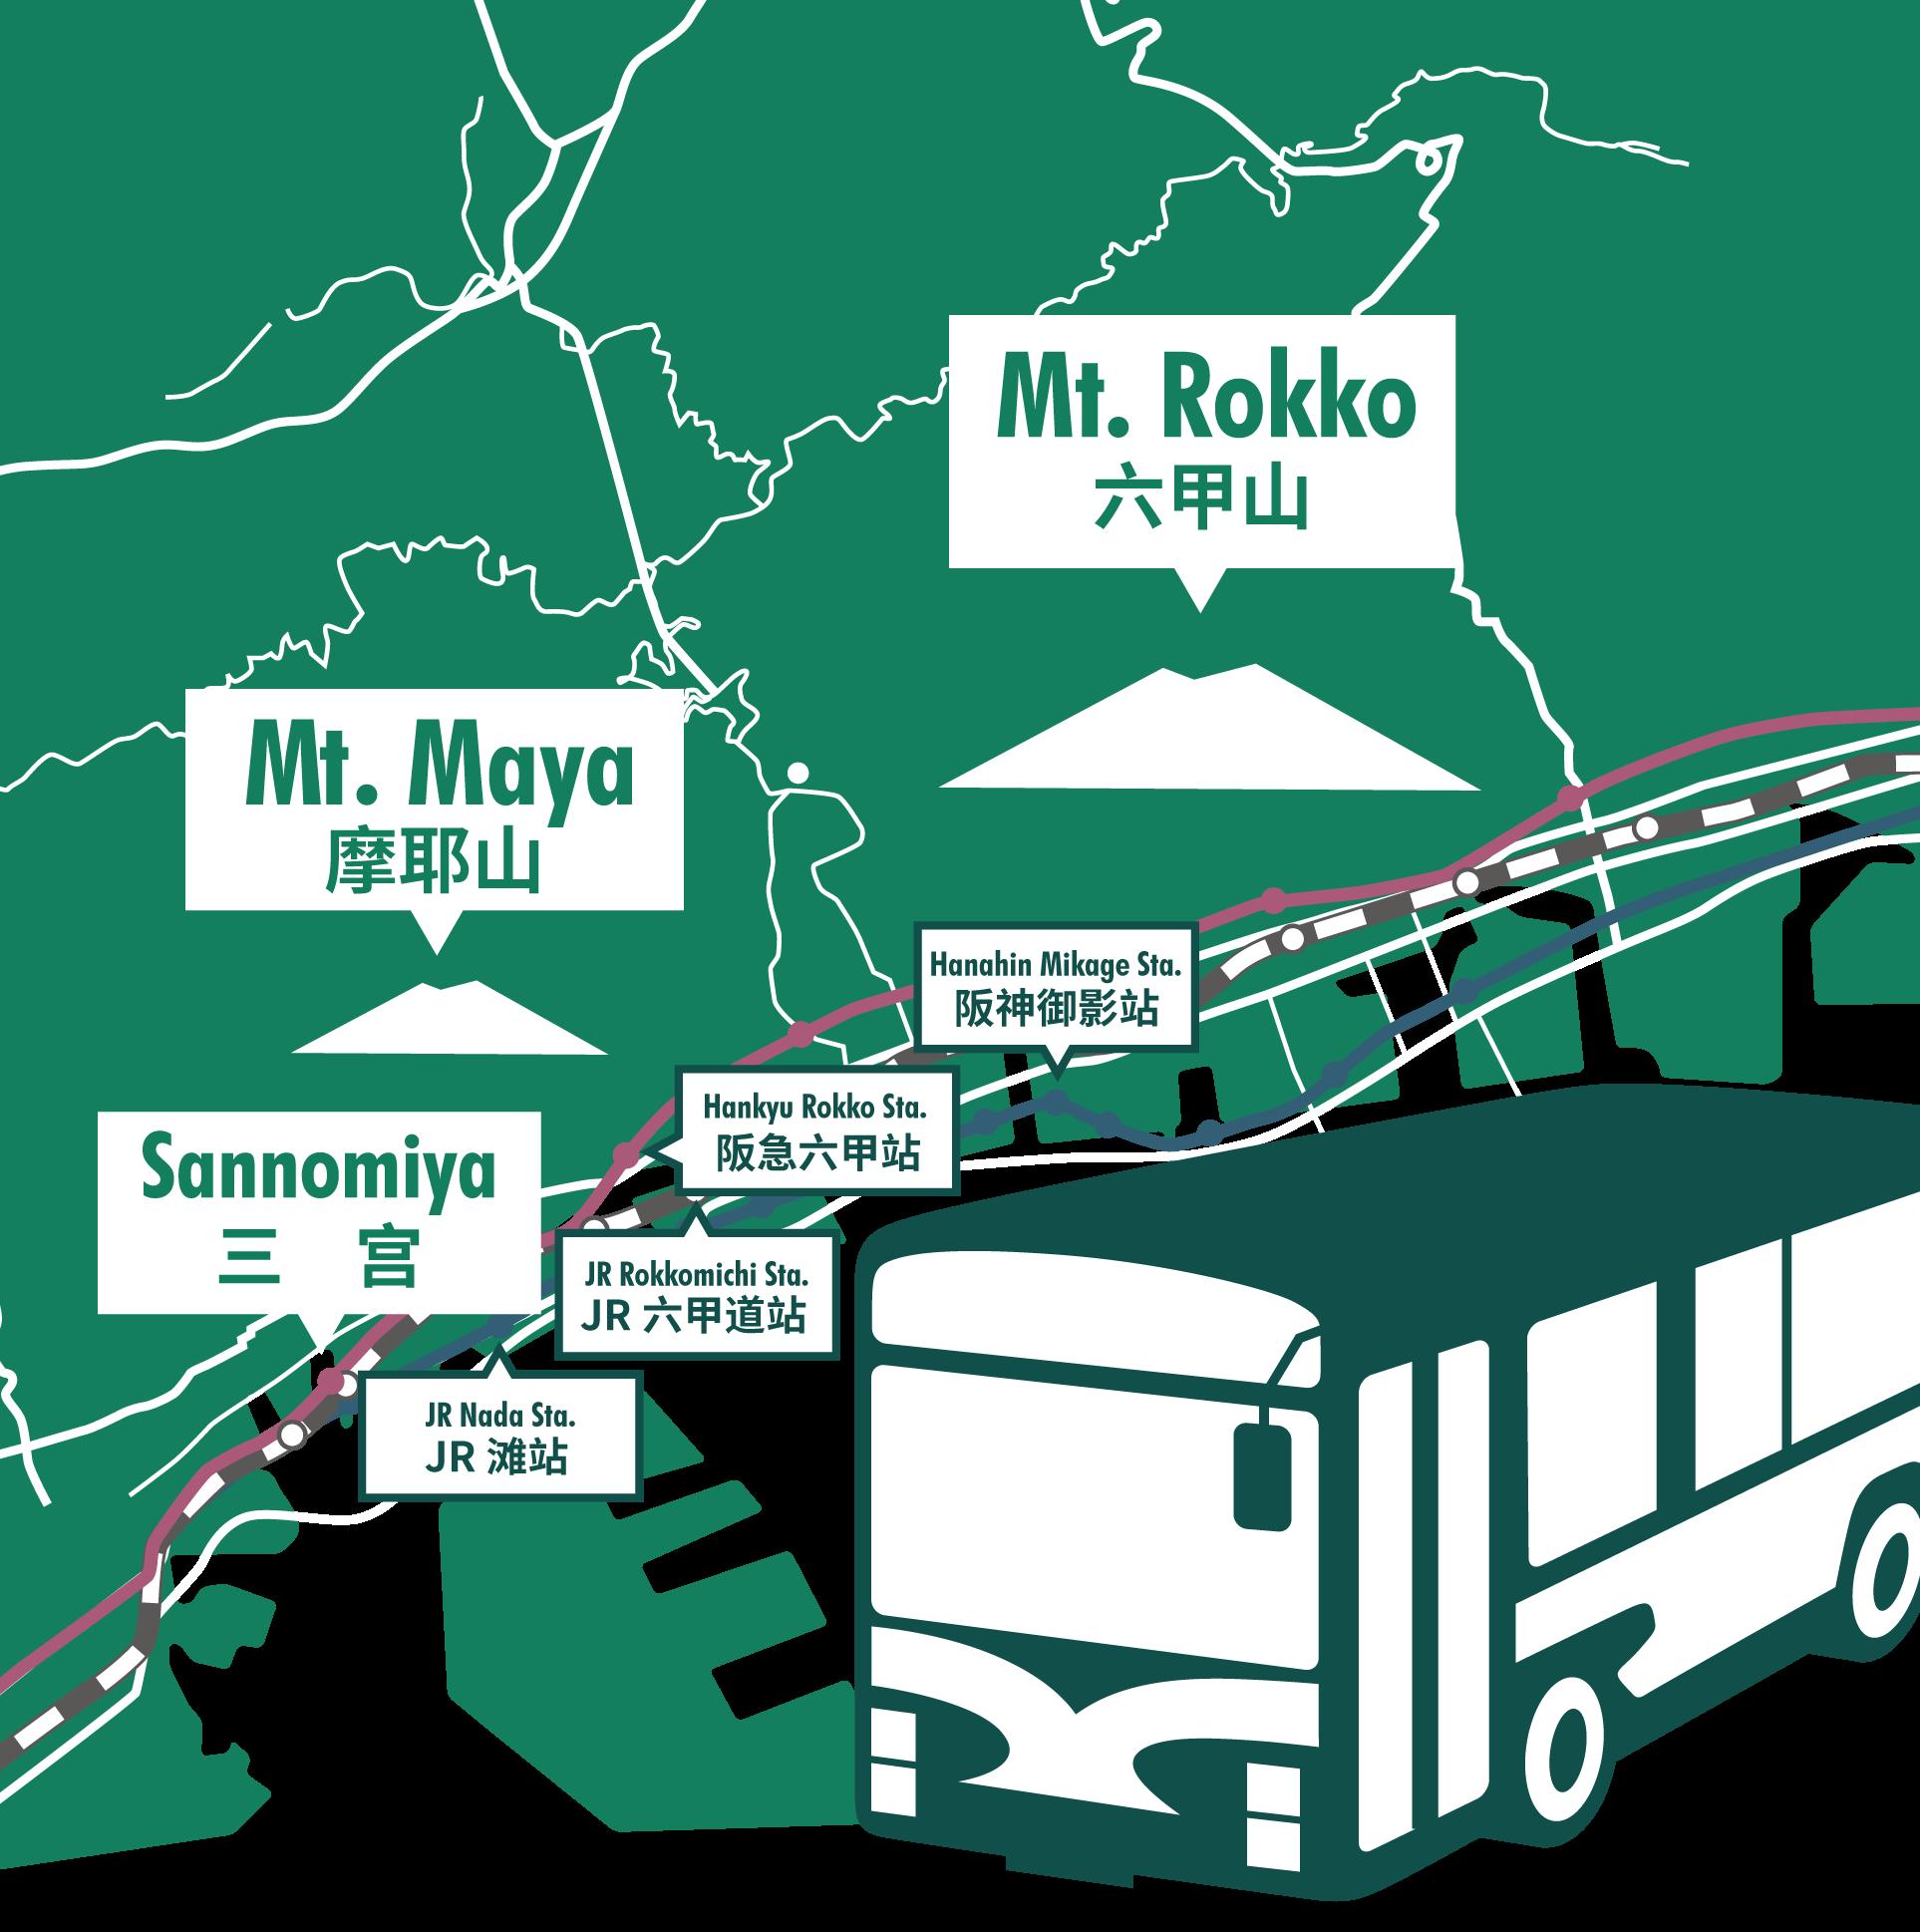 往六甲・摩耶方向移动,利用循环公交车非常便利!